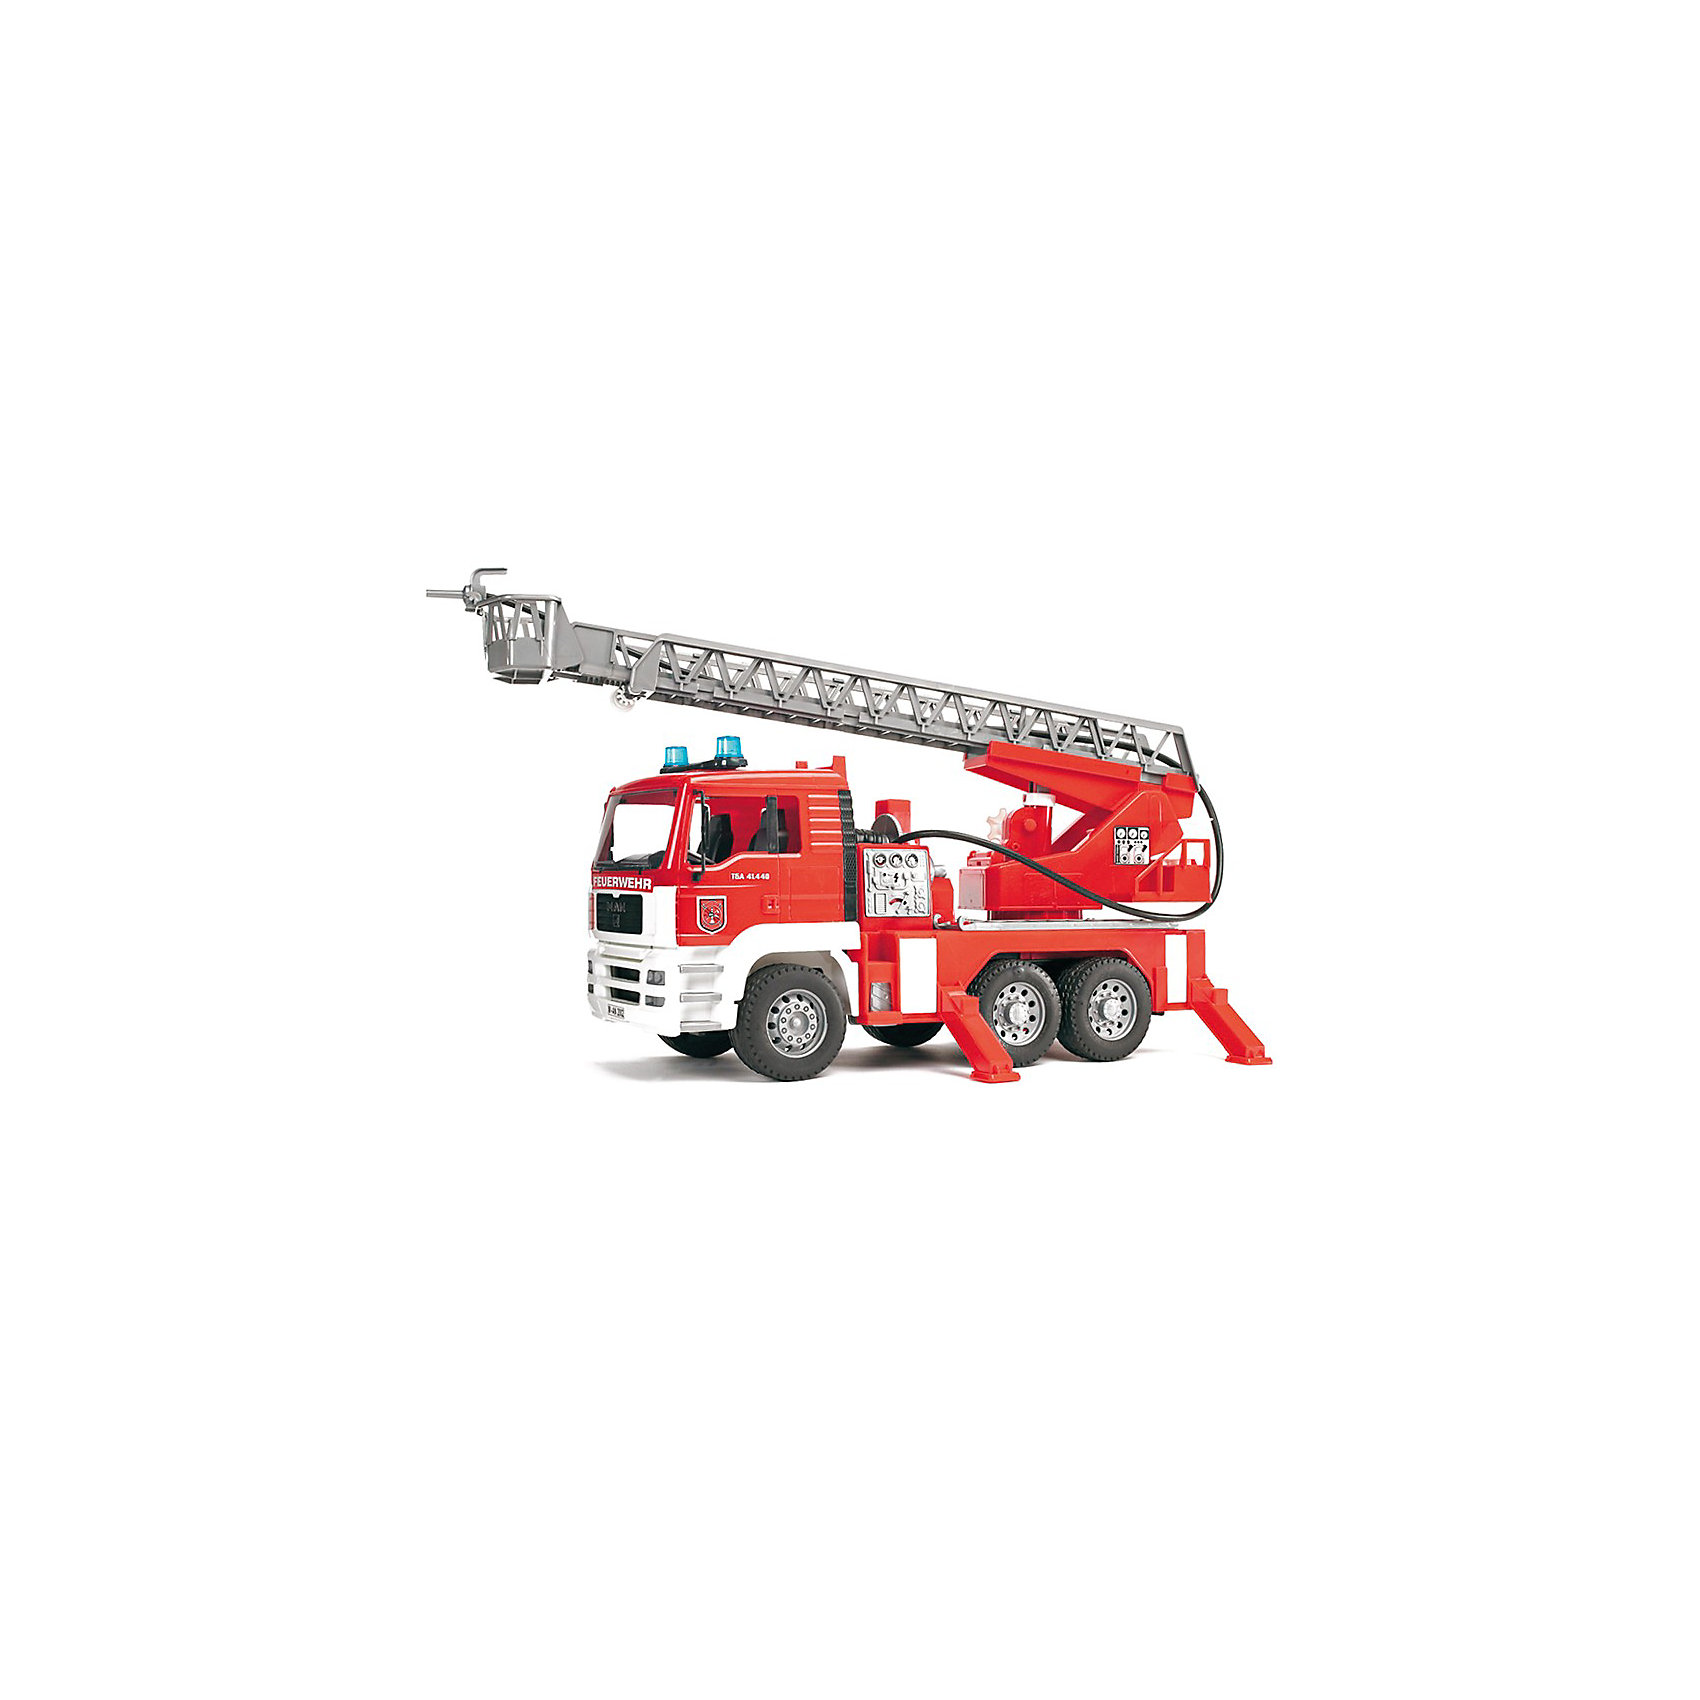 Пожарная машина MAN, BruderПожарная машина MAN с наклоняемой кабиной водителя от Bruder (Брудер) станет прекрасным дополнением коллекции автомобилей специального назначения. <br><br>Особенности:<br><br>- можно увидеть двигатель<br>- полнофункциональный насос для воды и шланг<br>- встроенный наполняемый бак для воды<br>- поворотная выдвижная лестница, регулируемая по высоте<br>- спасательная люлька, сматываемый пожарный шланг<br>- складные зеркала<br>- 4 стойки<br>- профильные шины<br>- модуль световой и звуковой сигнализации: 4 различные функции: гудок, звук работающего двигателя, проблесковый маячок и сирена<br><br>Дополнительная информация:<br><br>- для работы необходимы батарейки типа ААА (в комплект не входят)<br>- размеры: длина 47см x ширина 18см x высота 24см<br>- масштаб 1:16<br>- произведен из высококачественных пластиков<br>- каска в комплект не входит<br><br>Пожарную машину MAN от Bruder (Брудер) можно купить в нашем магазине.<br><br>Ширина мм: 527<br>Глубина мм: 274<br>Высота мм: 187<br>Вес г: 2057<br>Возраст от месяцев: 36<br>Возраст до месяцев: 96<br>Пол: Мужской<br>Возраст: Детский<br>SKU: 1422599